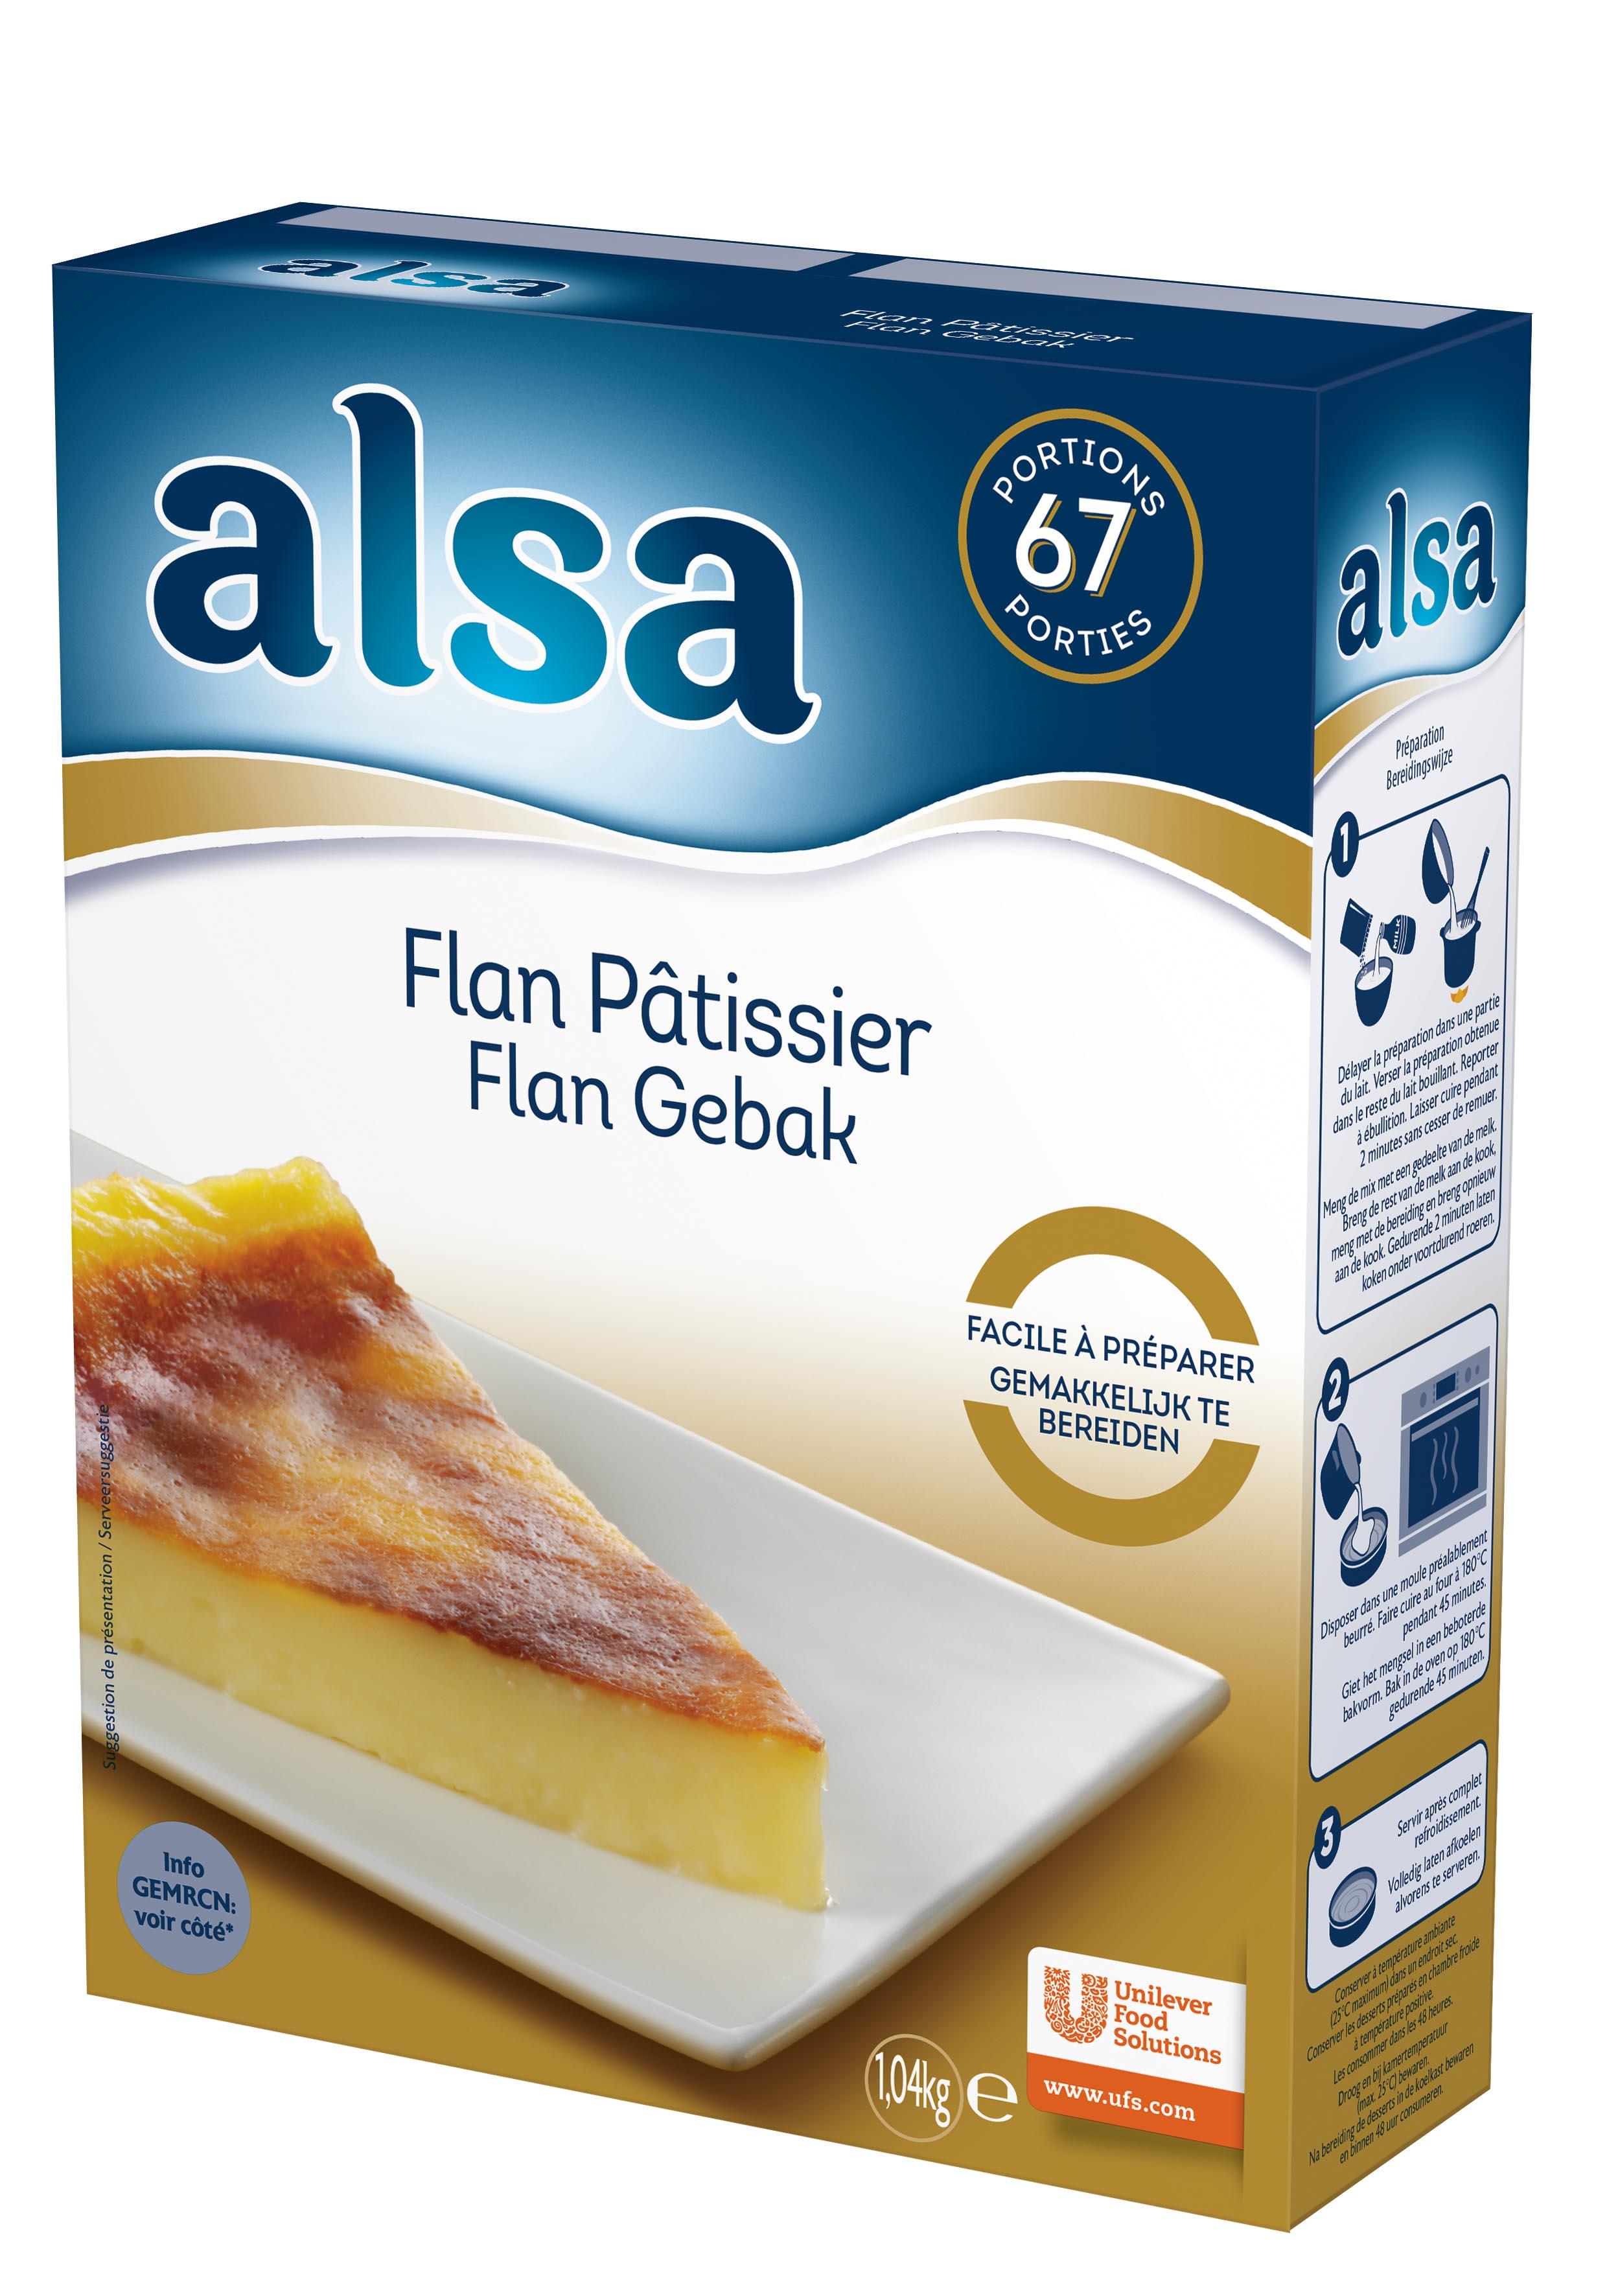 Alsa Flan Pâtissier 1,04kg 67 portions - Faites de chaque jour un régal avec les Pots de Crème Alsa !